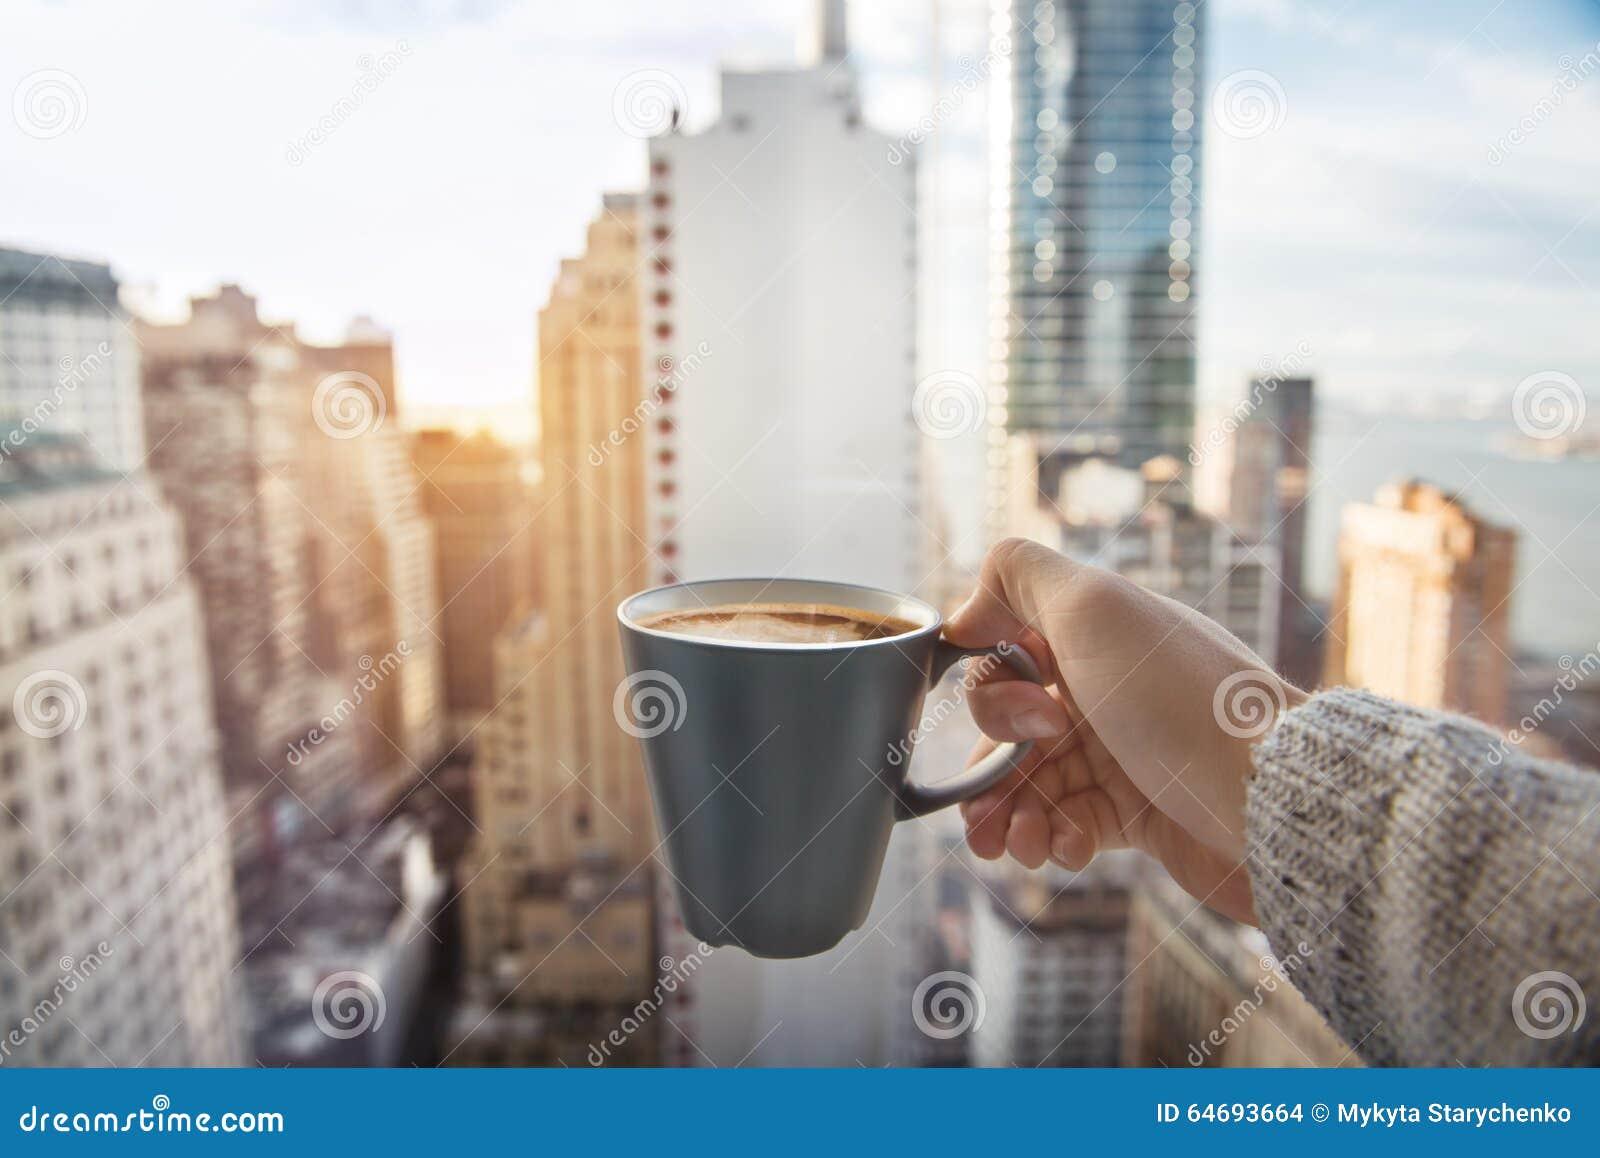 Φλυτζάνι καφέ εκμετάλλευσης ατόμων στα διαμερίσματα ρετηρέ πολυτέλειας με την άποψη στην πόλη της Νέας Υόρκης